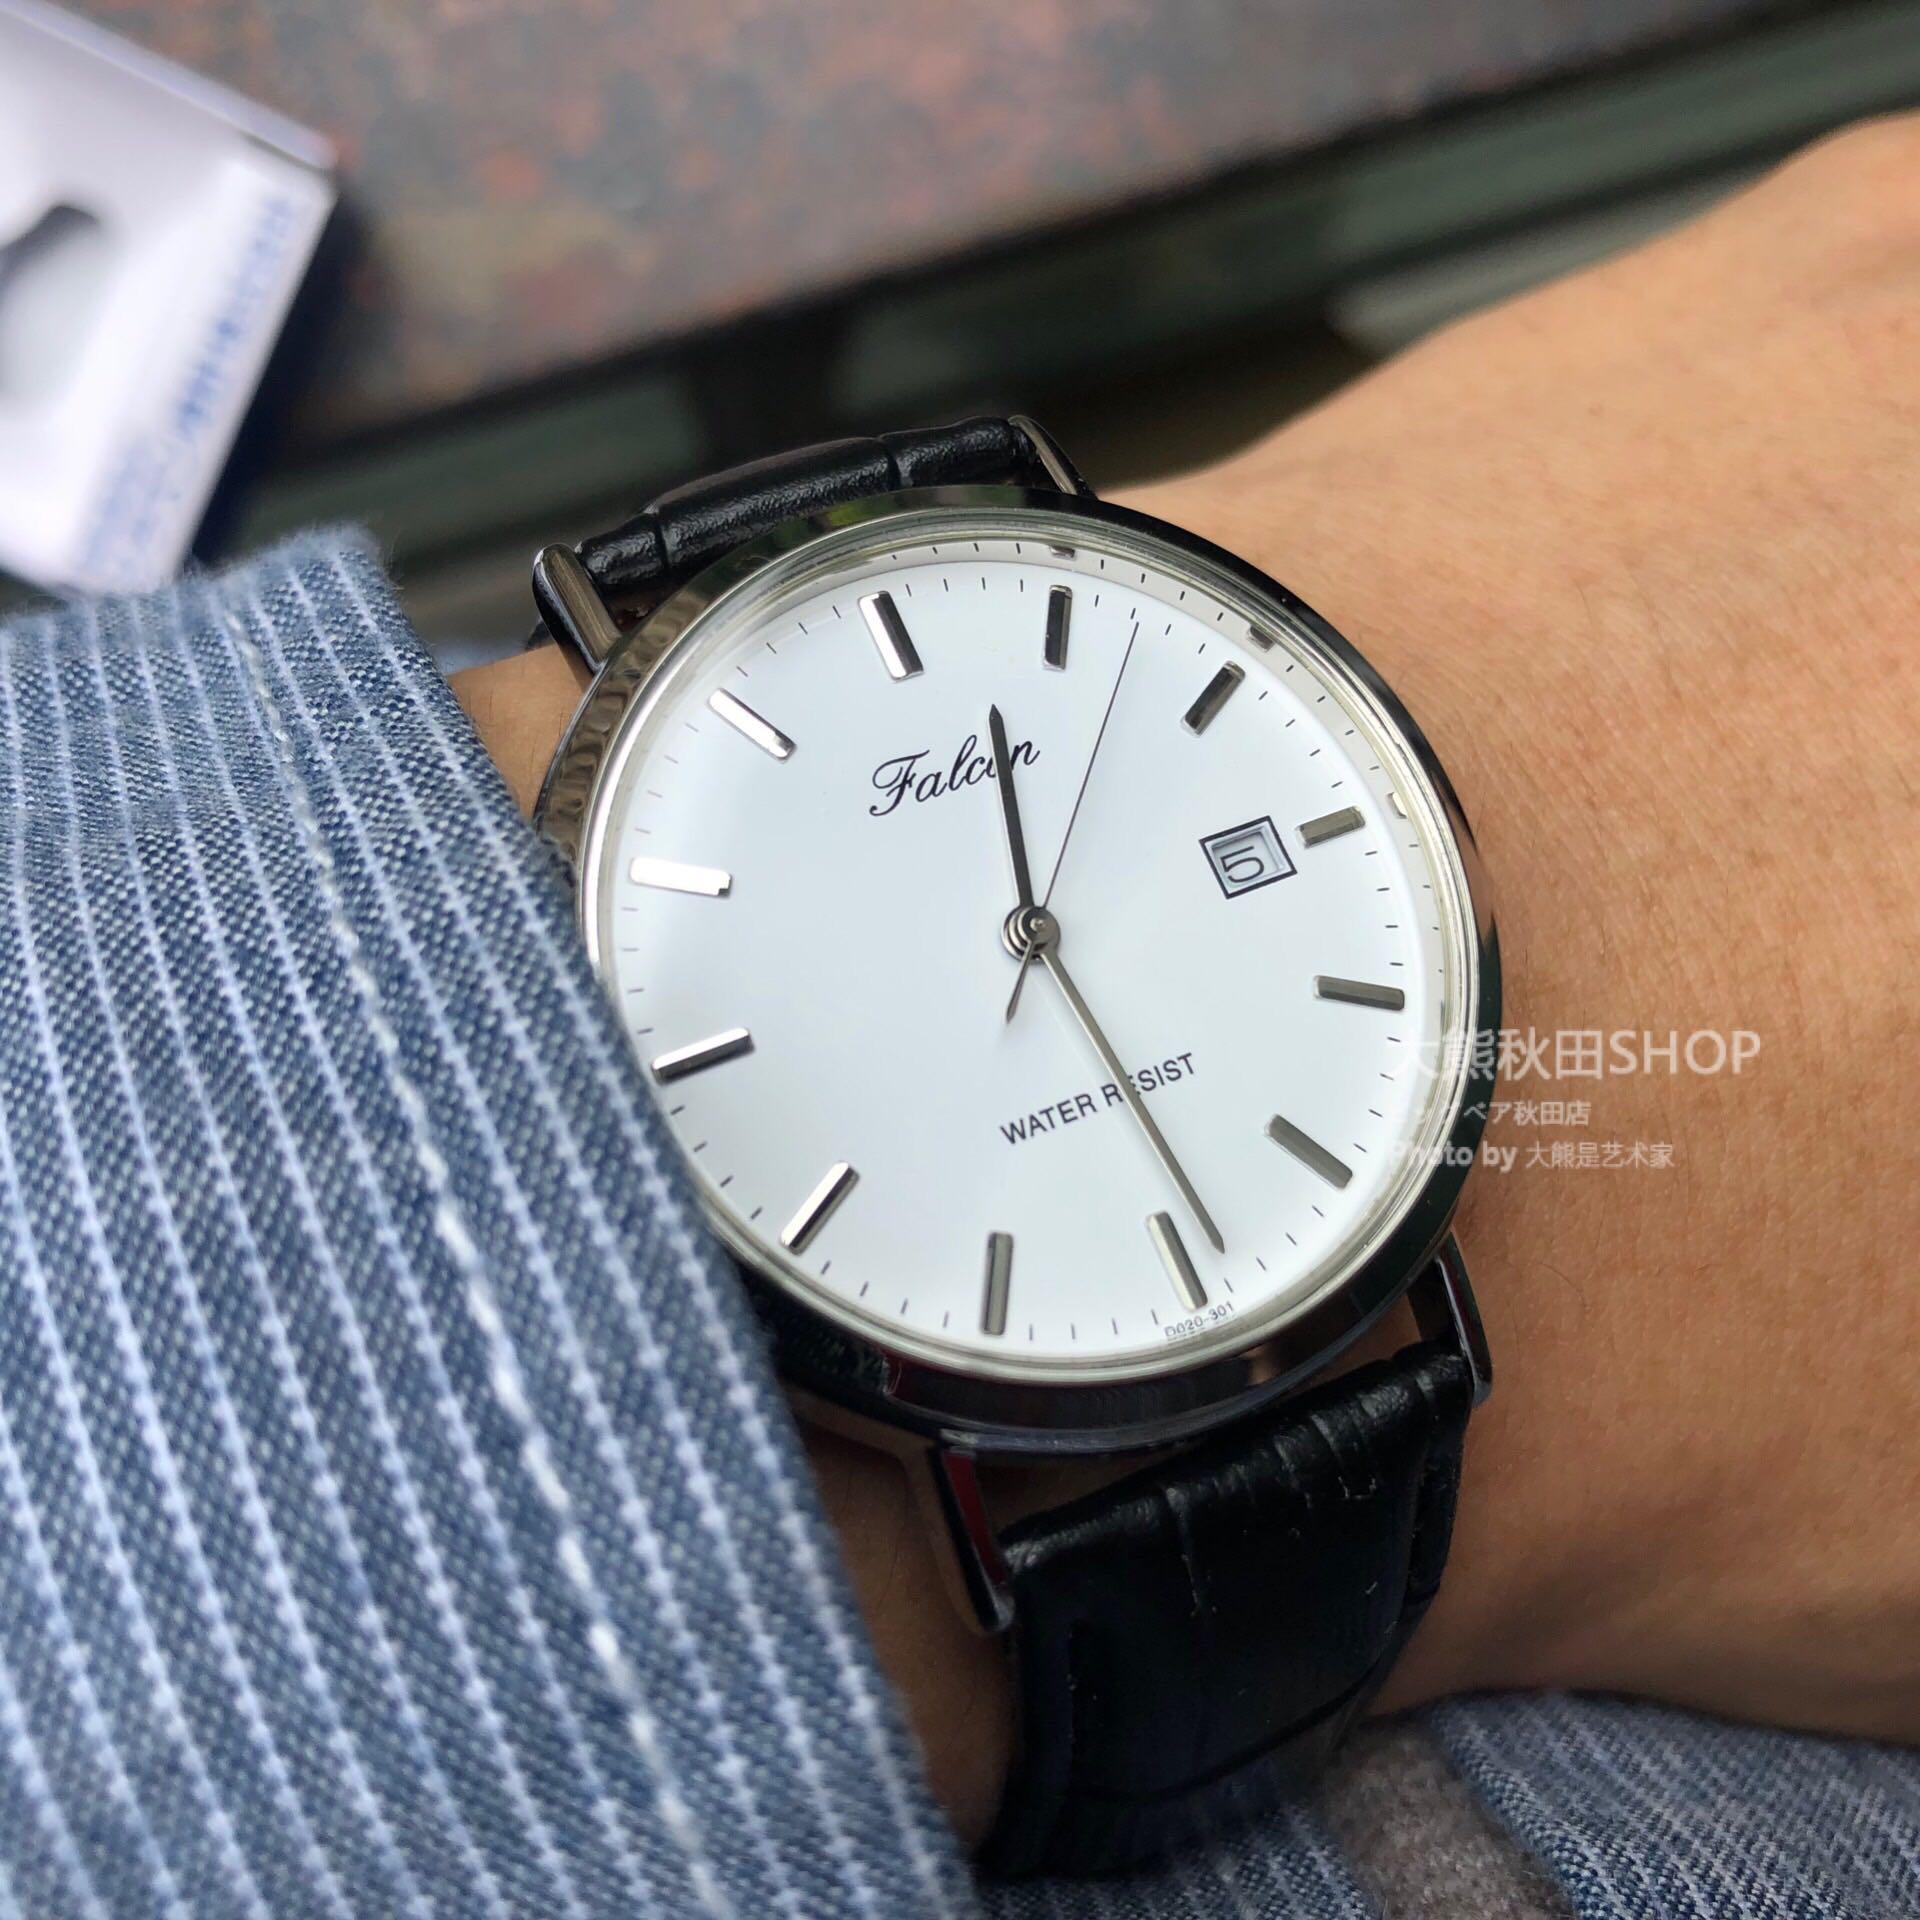 CITIZEN西鐵城子品牌Q&Q flcon獵鷹石英錶 男女學生手錶 簡約